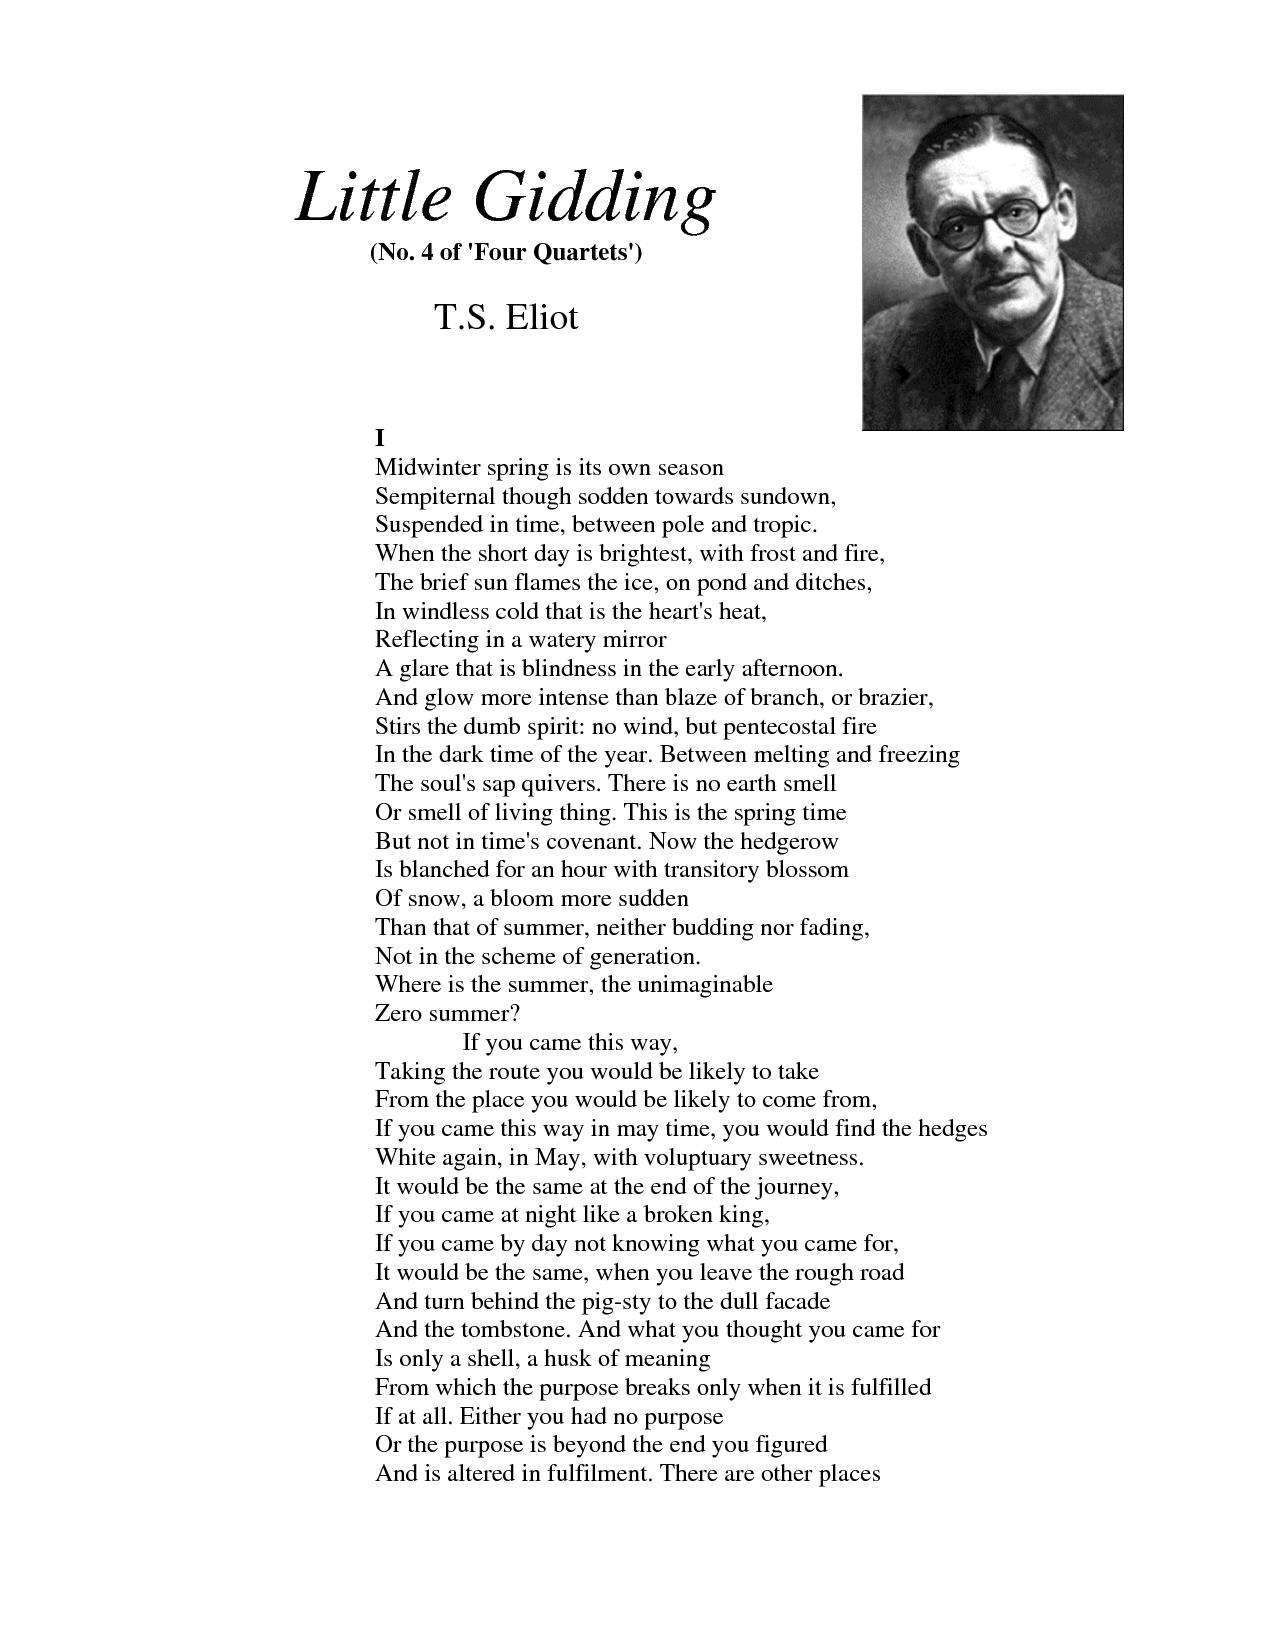 """Little Gidding (No. 4 of """"Four Quartets"""") T.S. Eliot"""